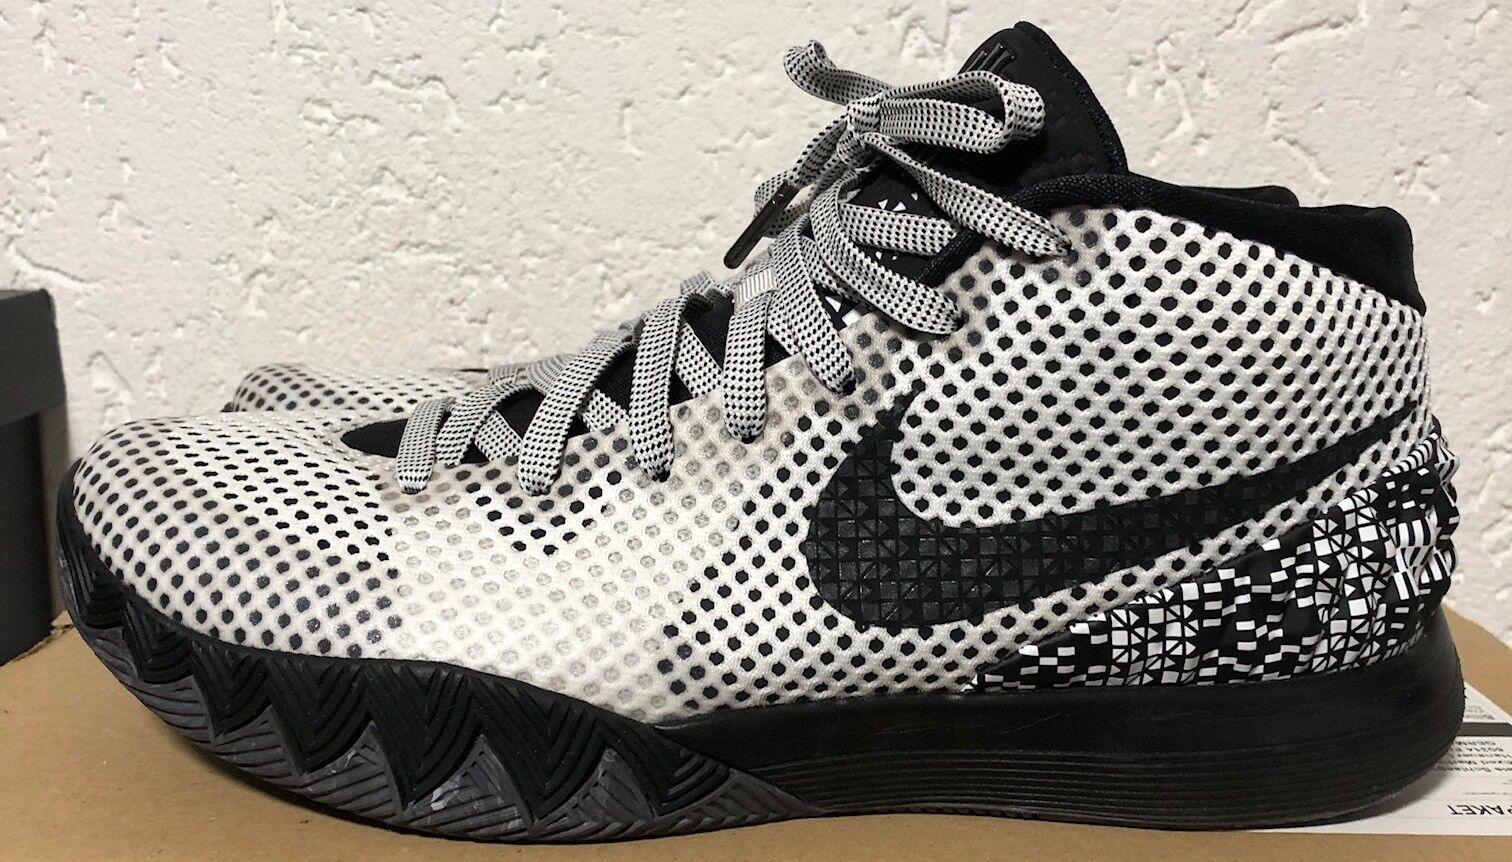 Nike Kyrie Kyrie Kyrie Irving 1 bhm US 10,5 EU 44,5 im top Zustand schwarz Weiß 2e07e5